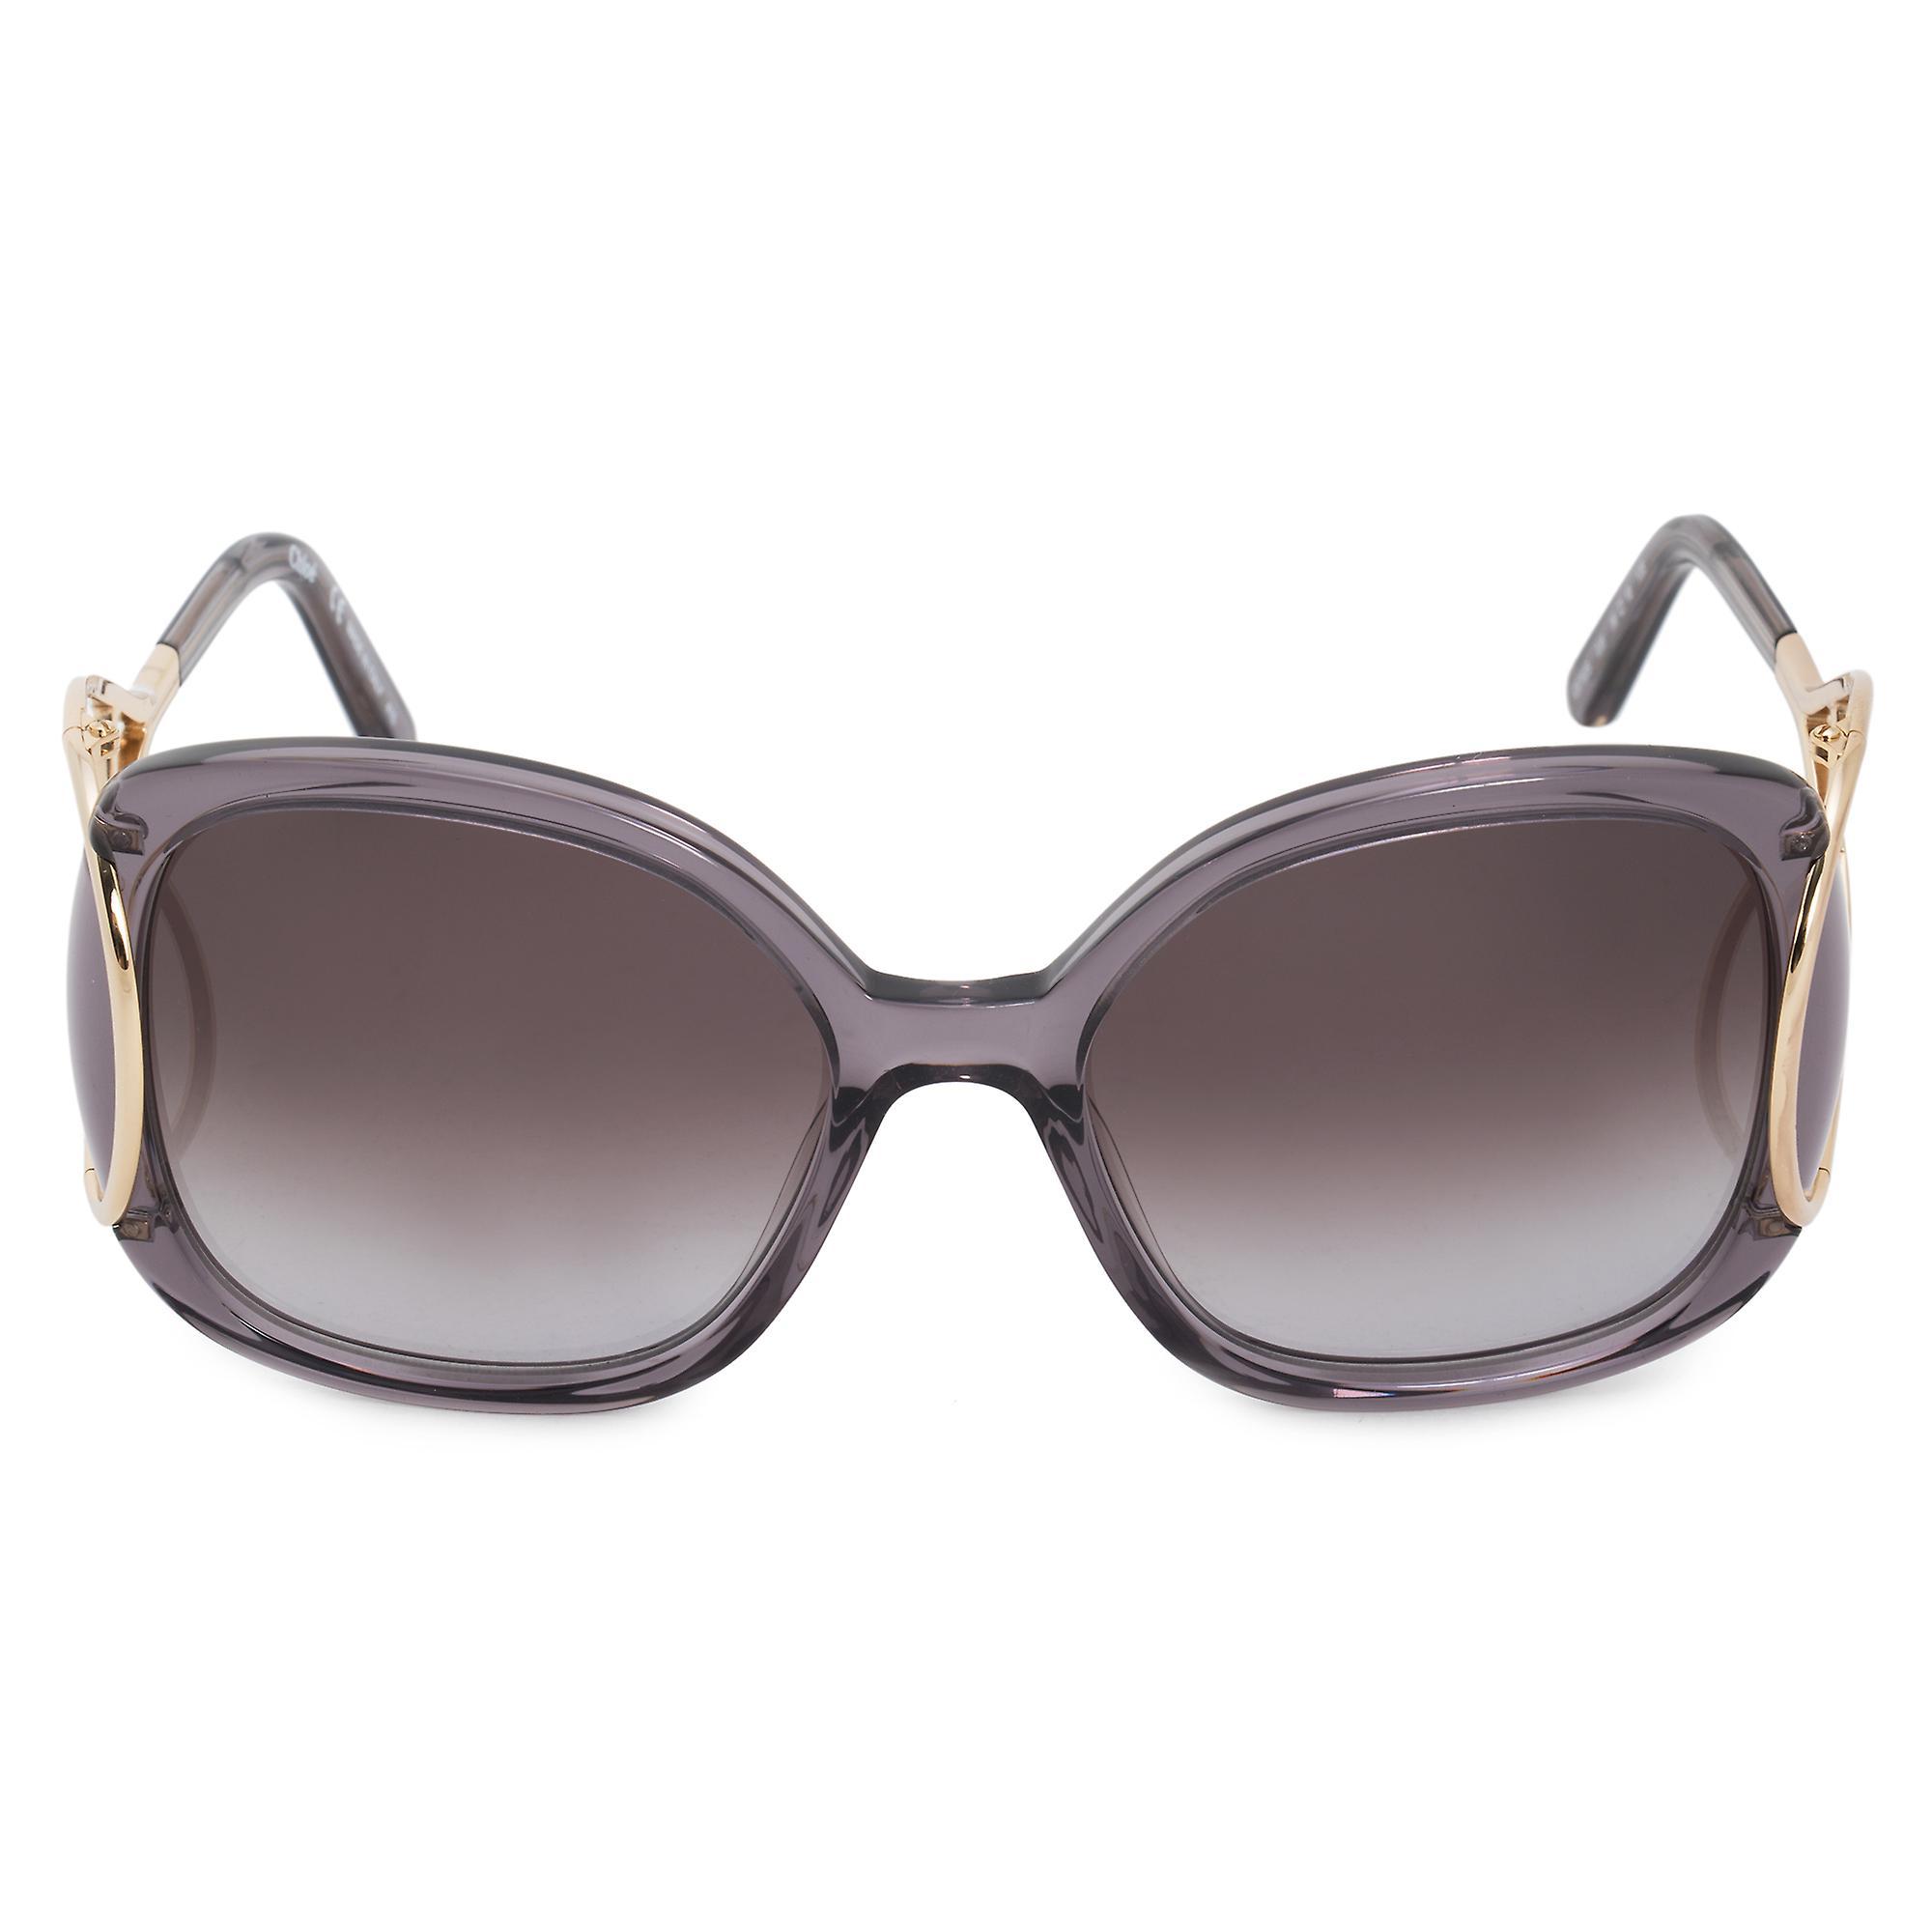 Chloe Square Sunglasses CE702S 035 56